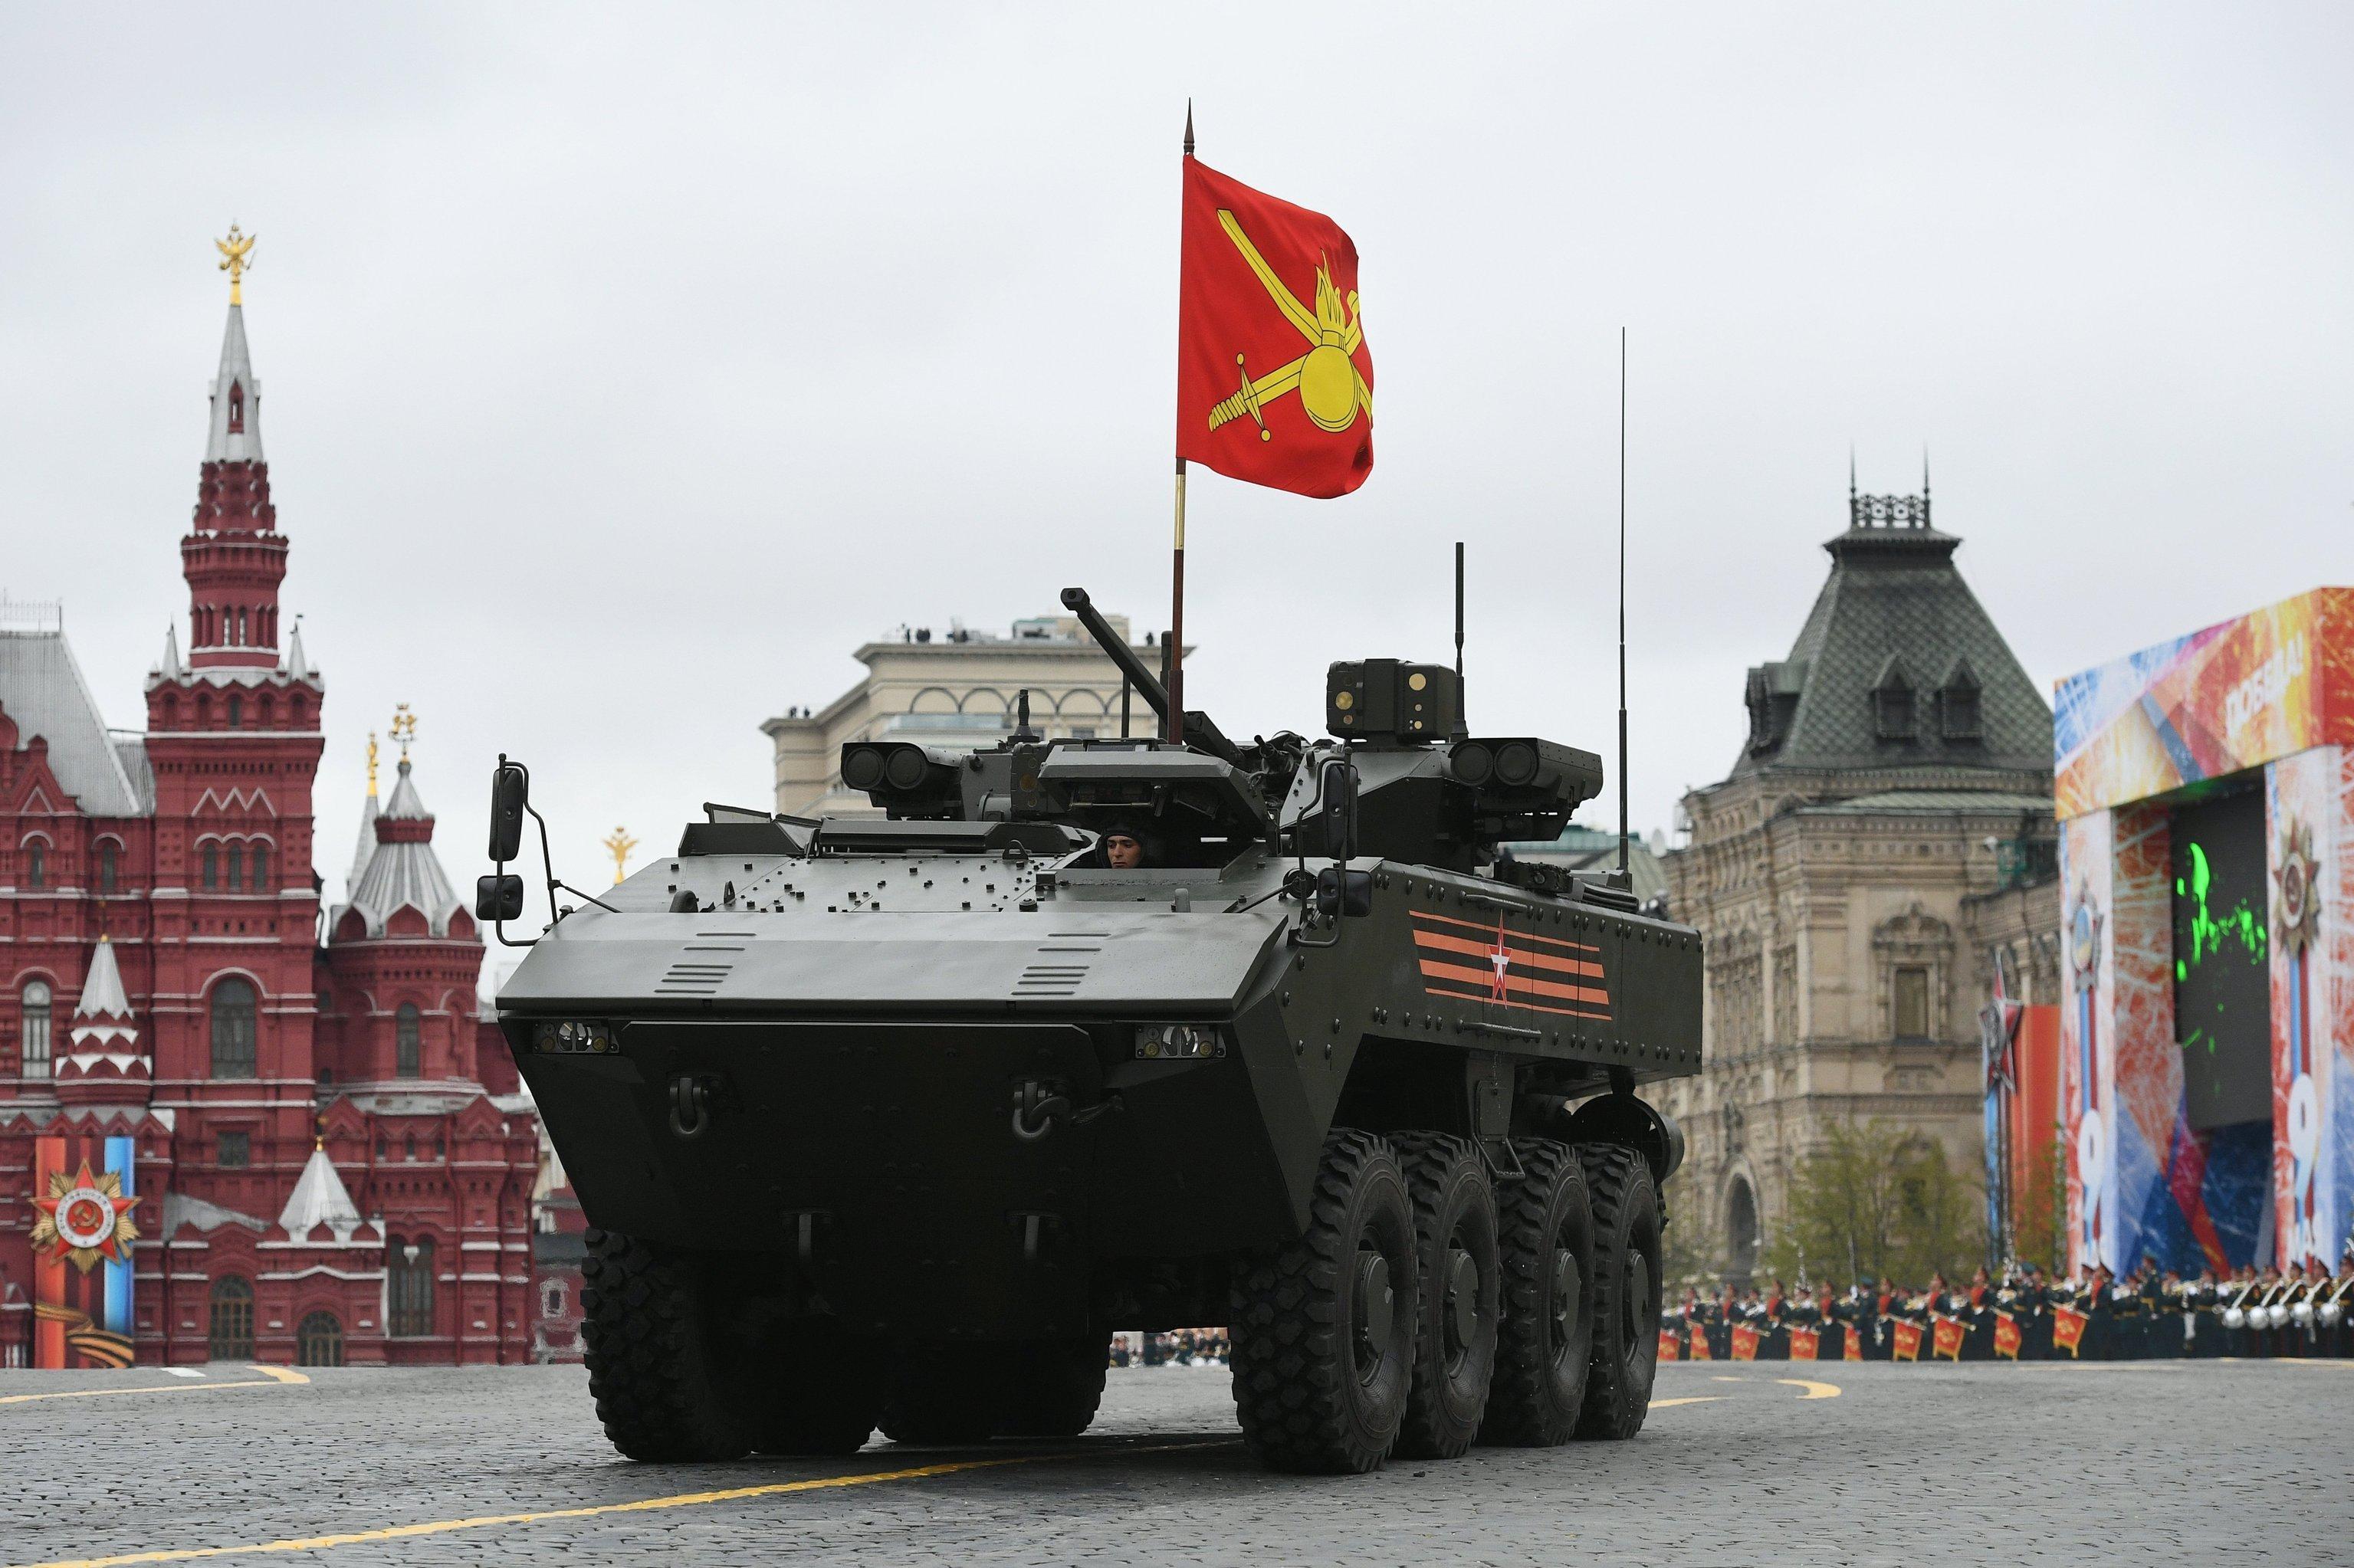 БМП на базе платформы ВПК-7829 Бумеранг на военном параде на Красной площади